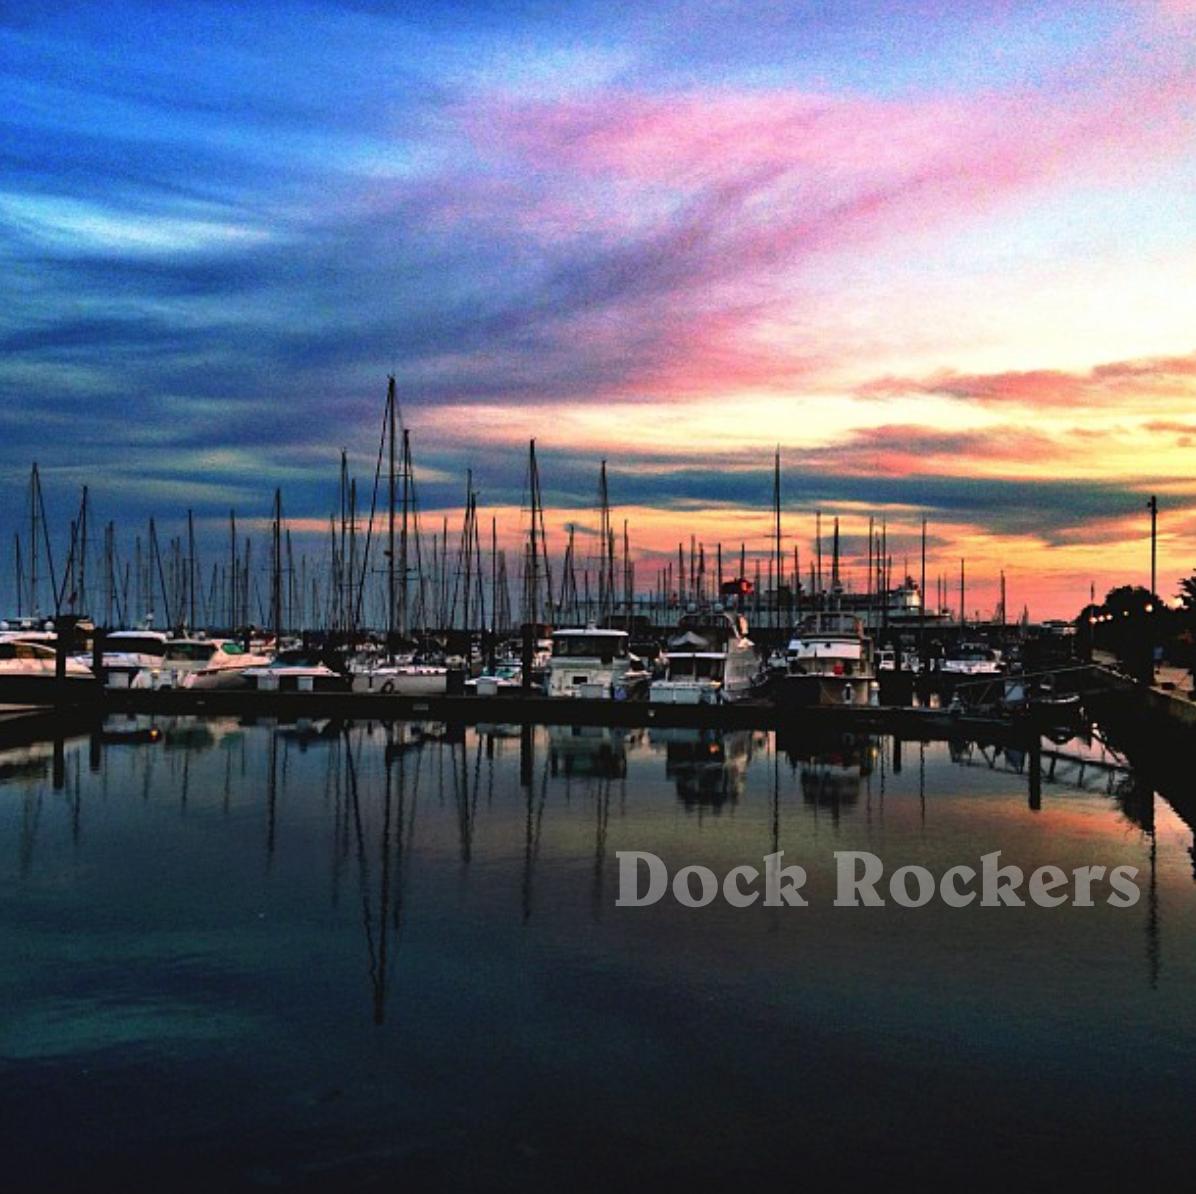 Dock Rockers on Spotify .